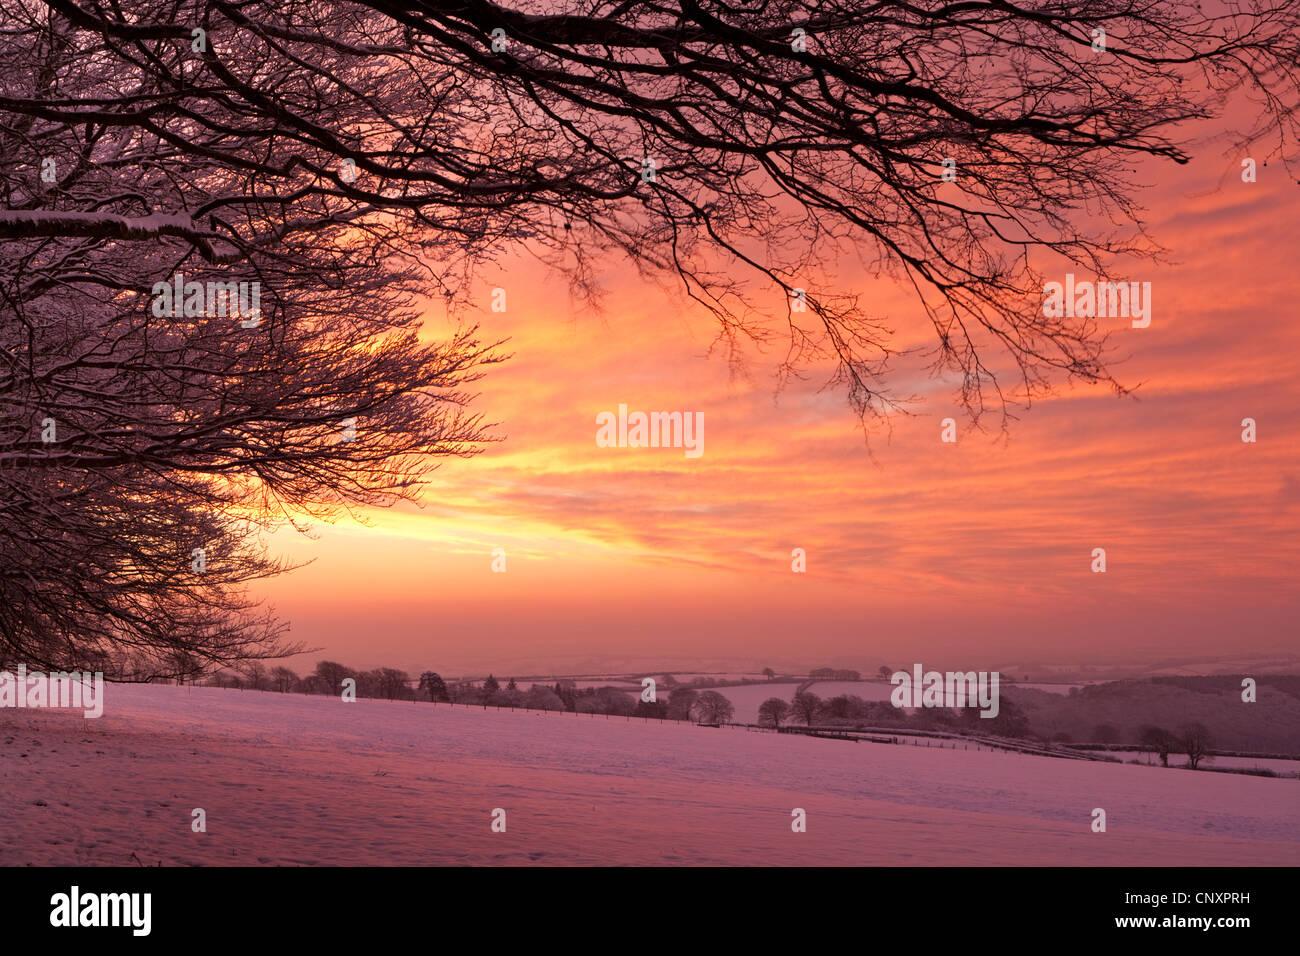 Spettacolare alba il cielo sopra la coperta di neve campagna, Exmoor, Somerset, Inghilterra. Inverno (gennaio 2012). Immagini Stock